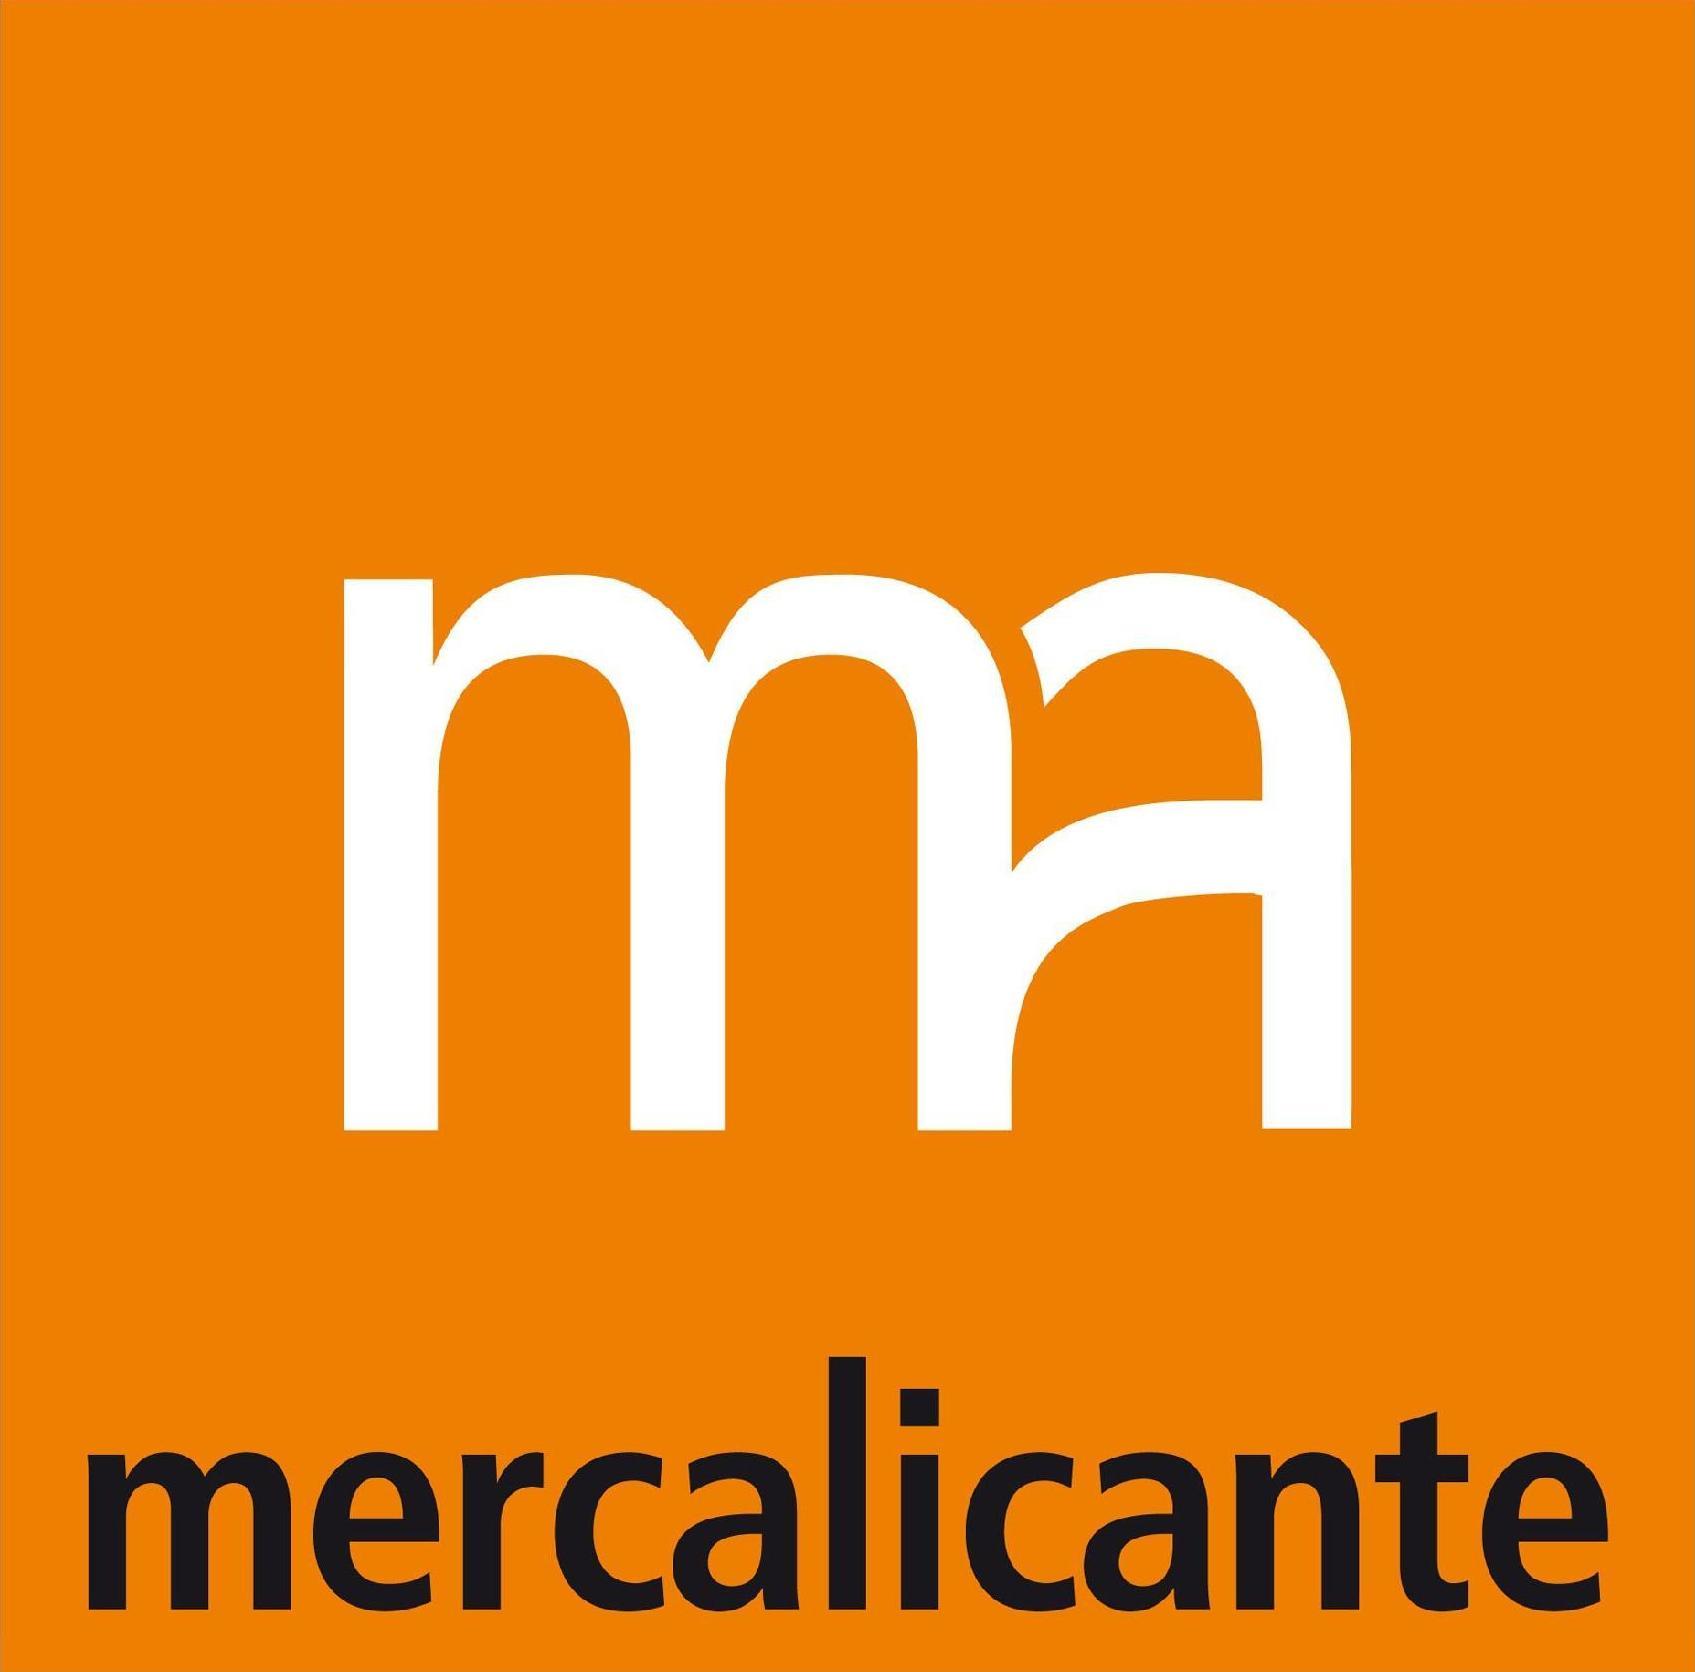 Mercalicante